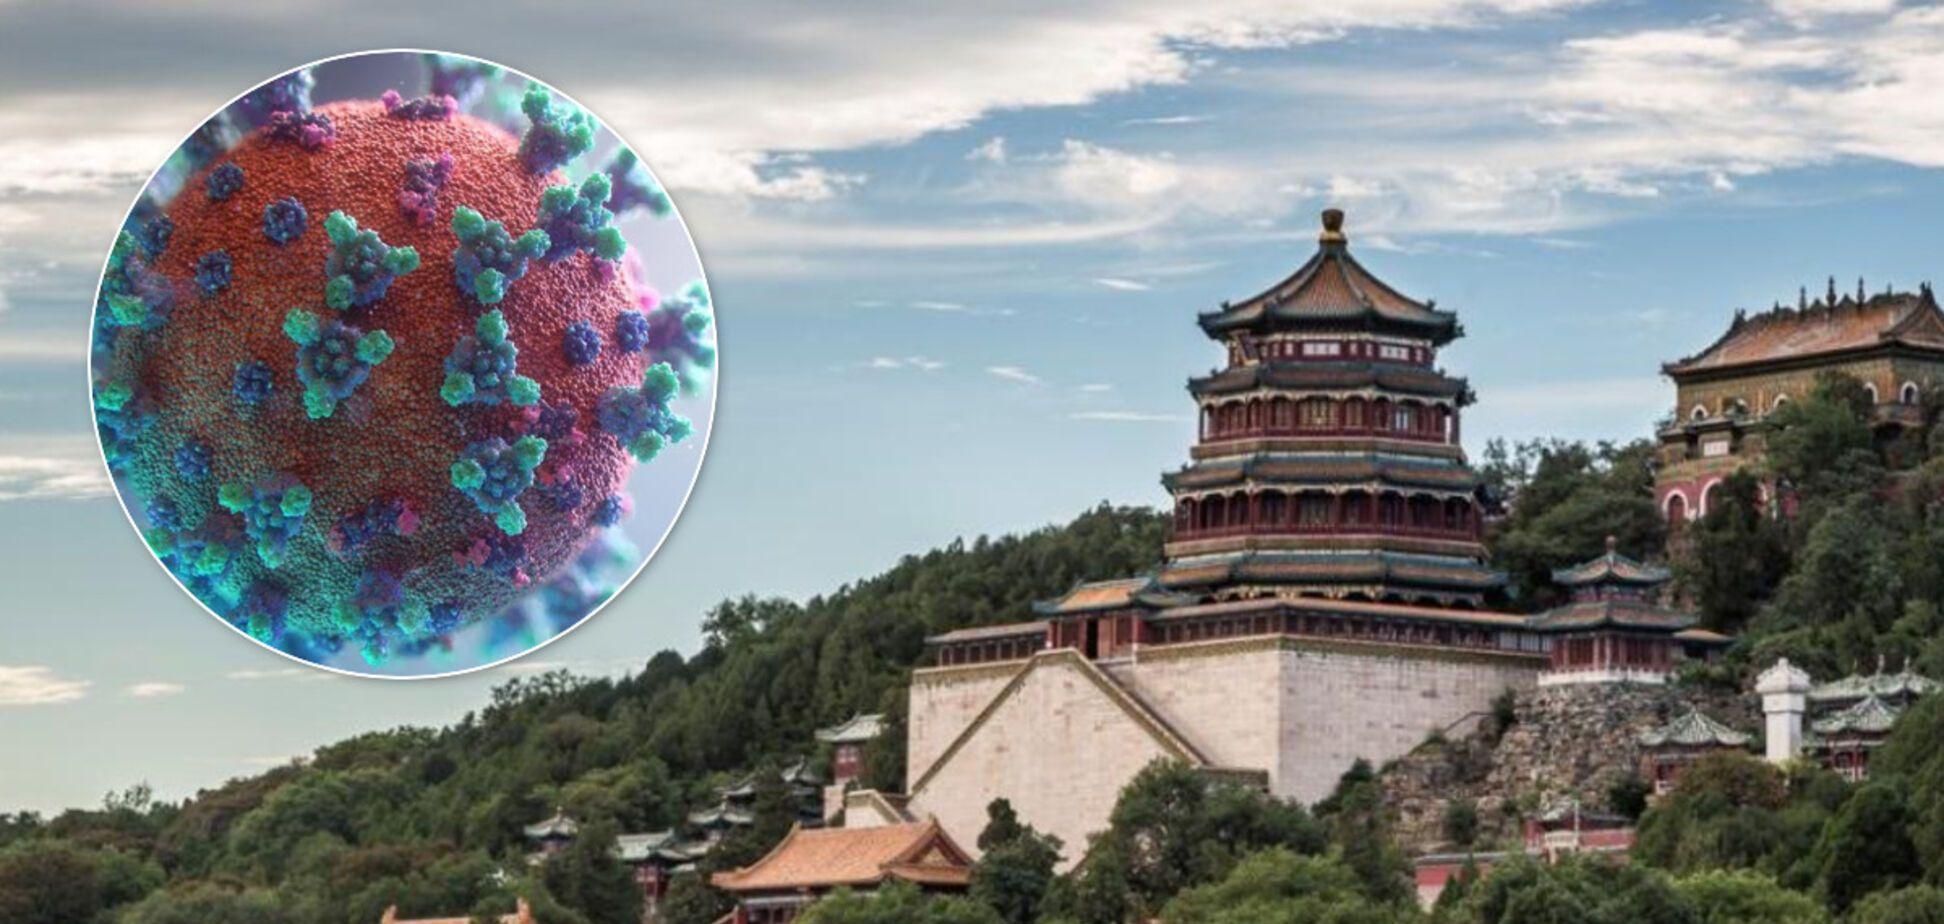 Боялися зараження: влада Китаю 'забарикадувалася' в резиденції імператора в розпал пандемії